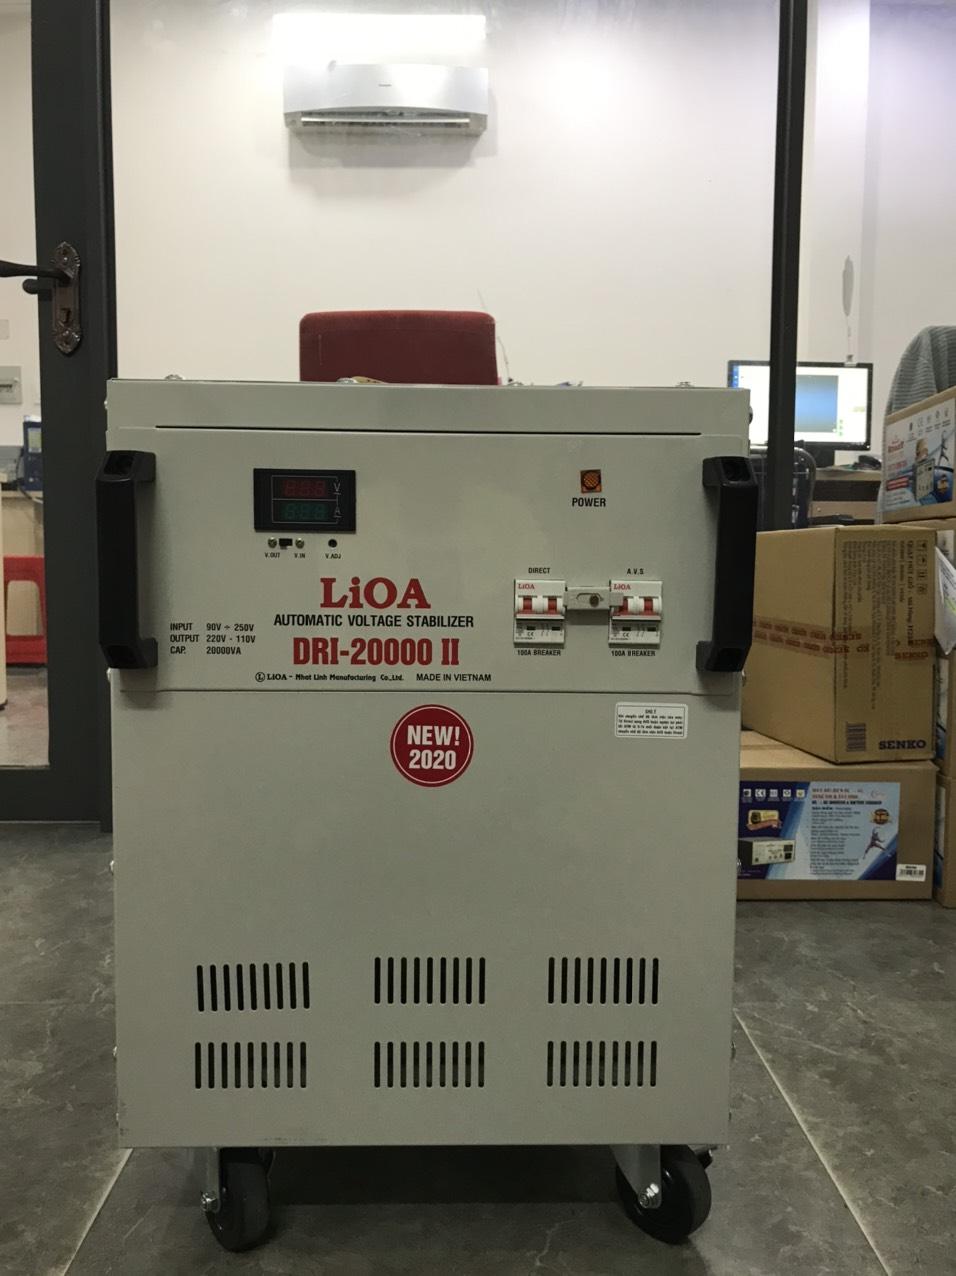 Ổn Áp LiOA 1 PHA DRI 20KVA NEW 2020 (90-250v) - Đồng hồ điện tử